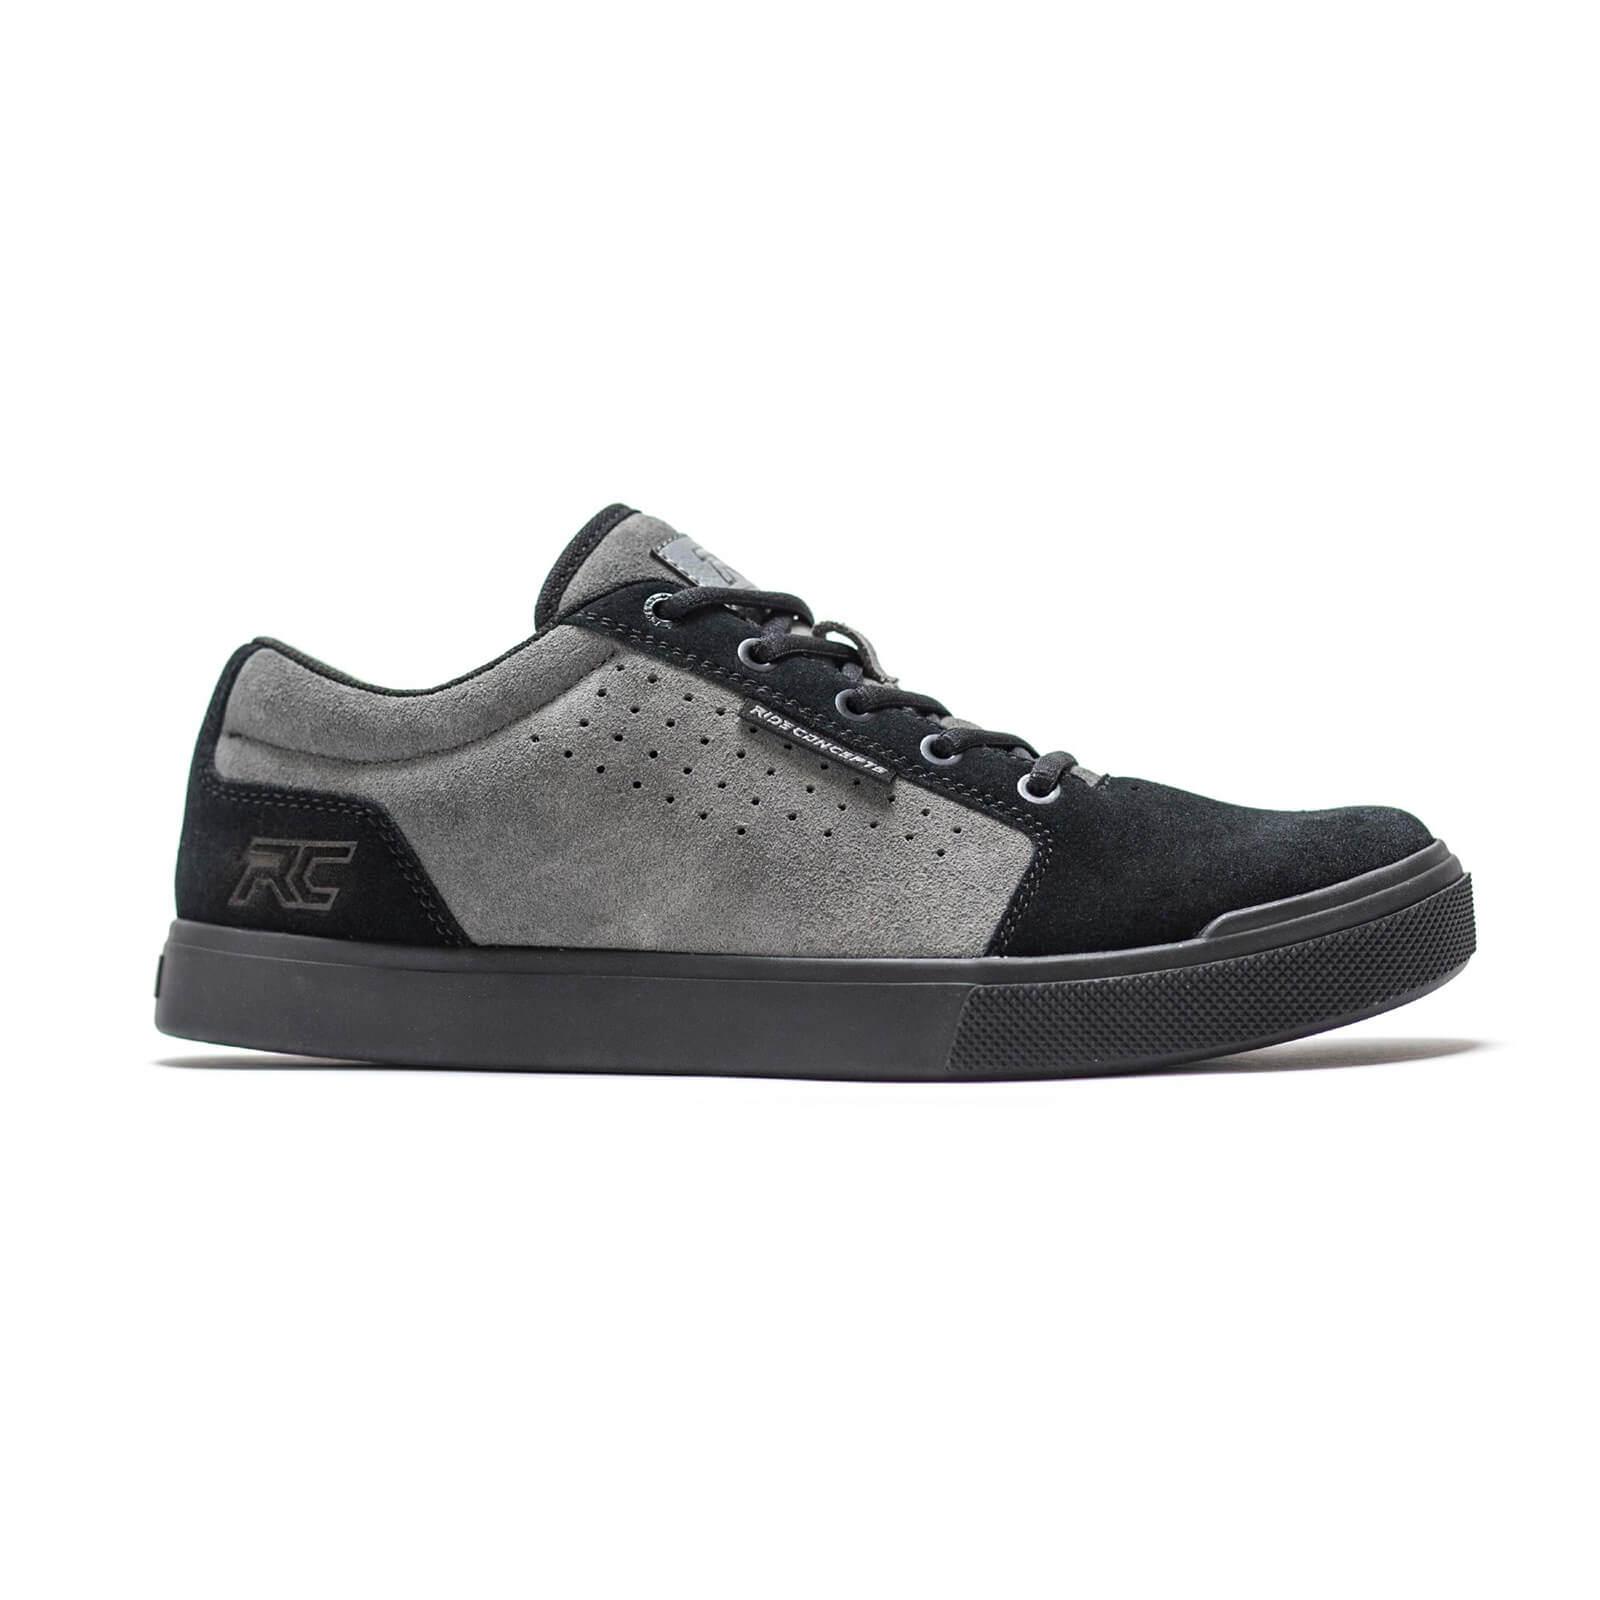 Ride Concepts Vice Flat MTB Shoes - UK 6/EU 40 - Charcoal/Black